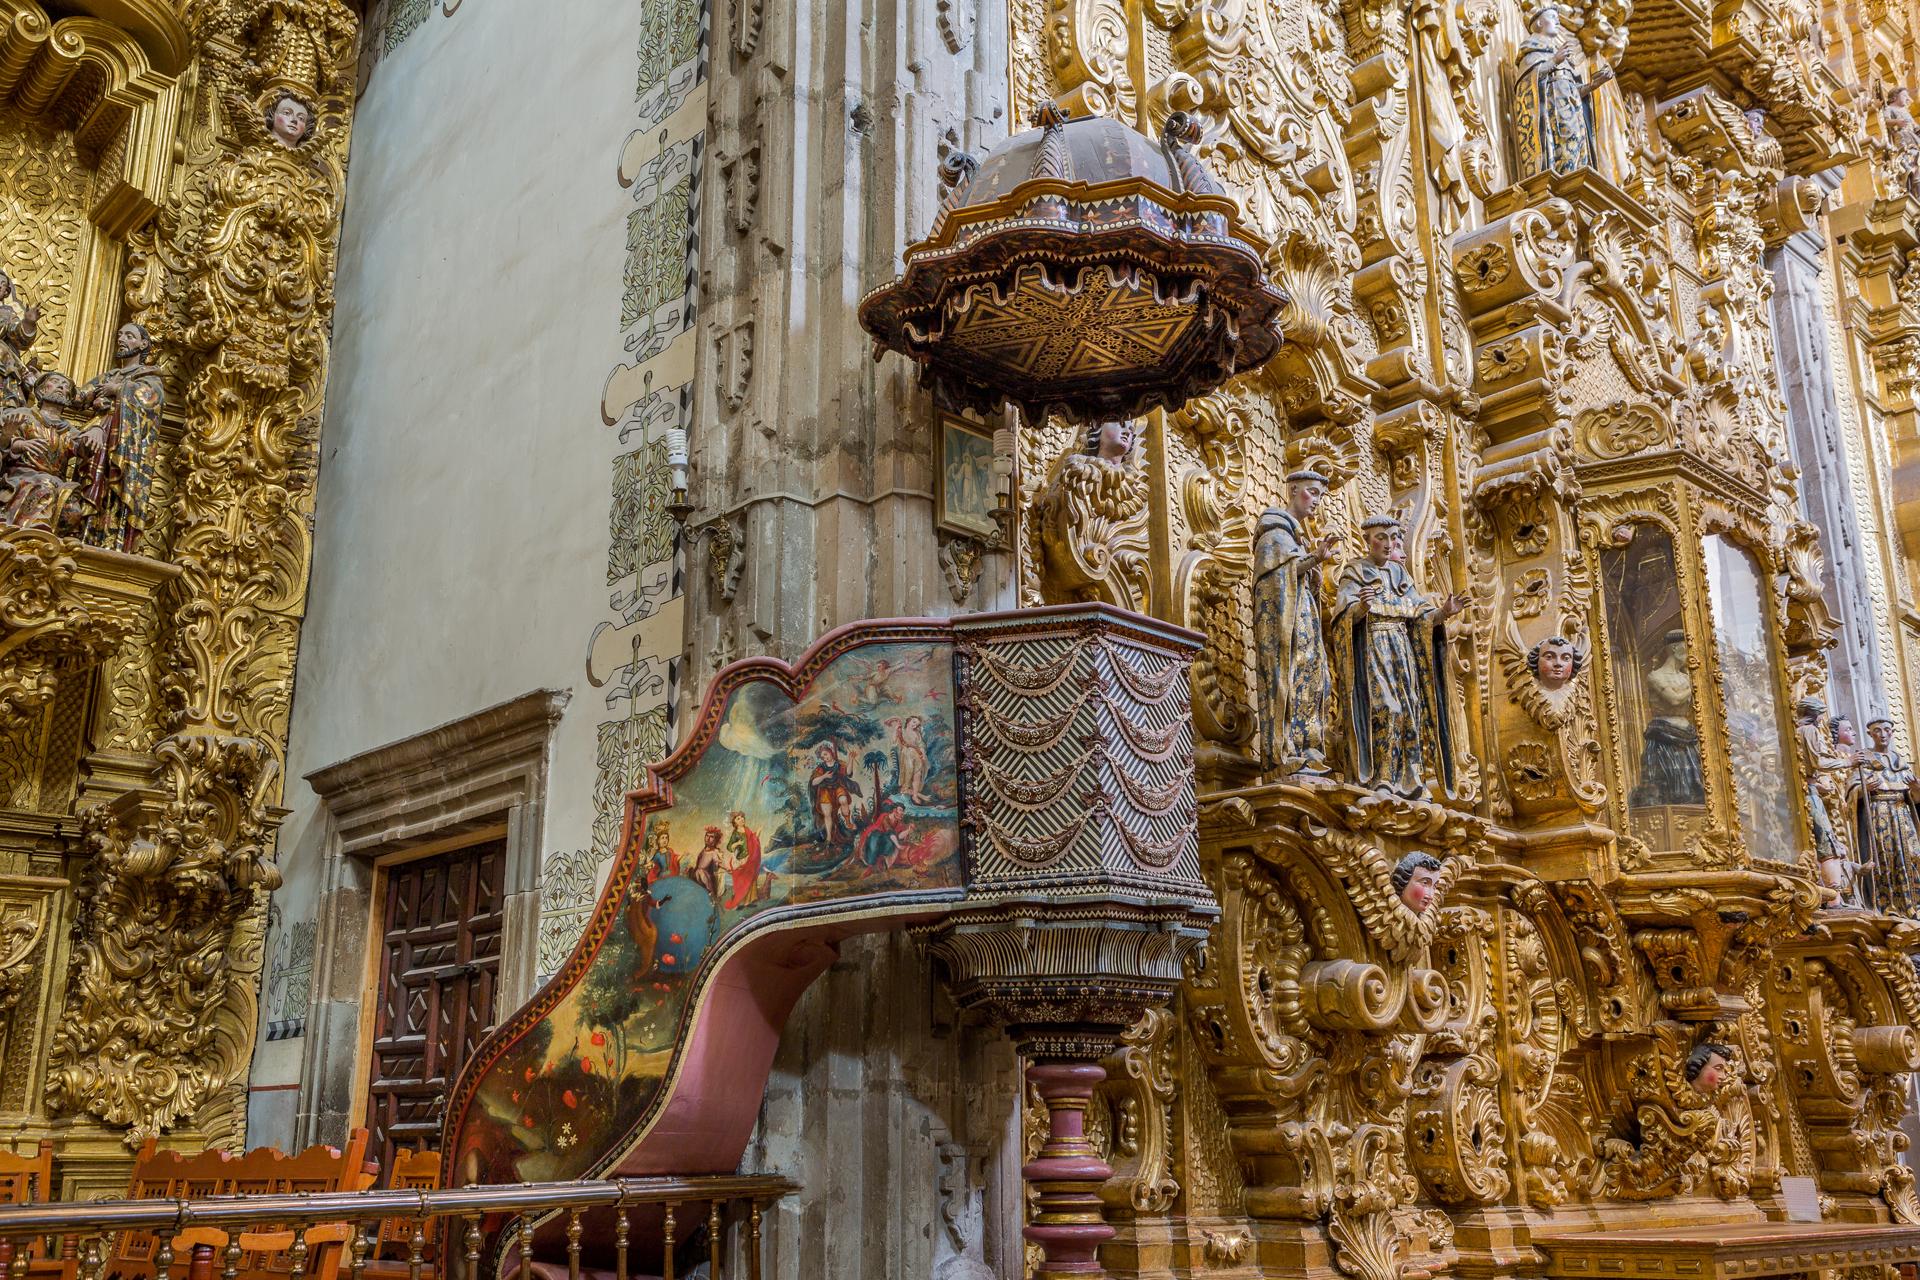 11:00 a.m. - Tour peatonal privado por centro histórico de Salamanca